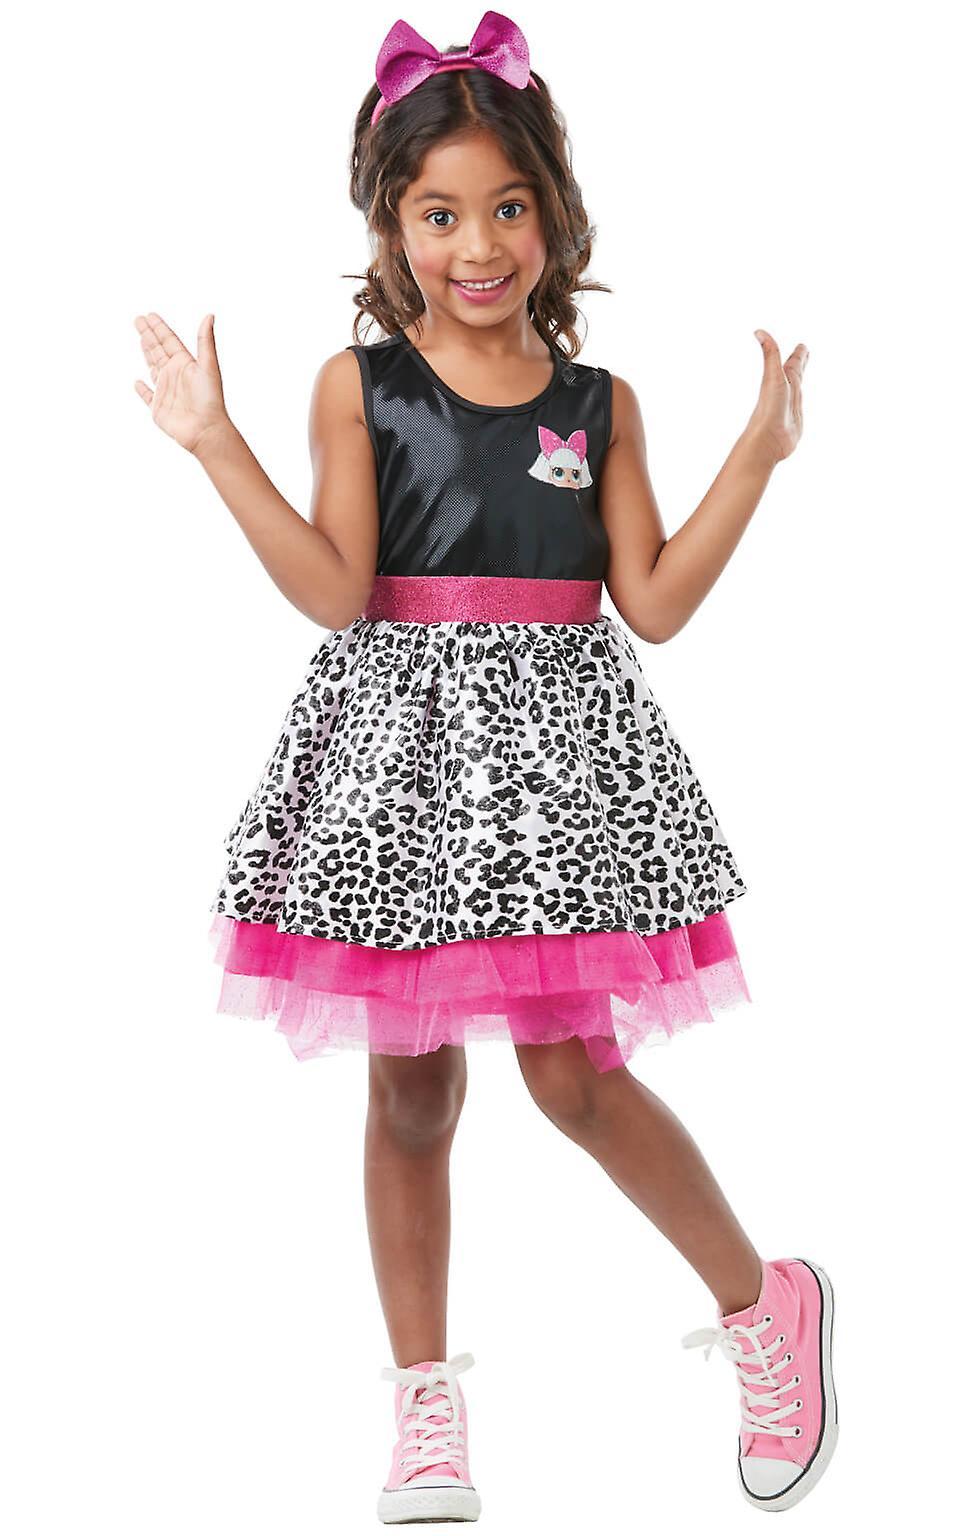 Diva Child Costume - LOL